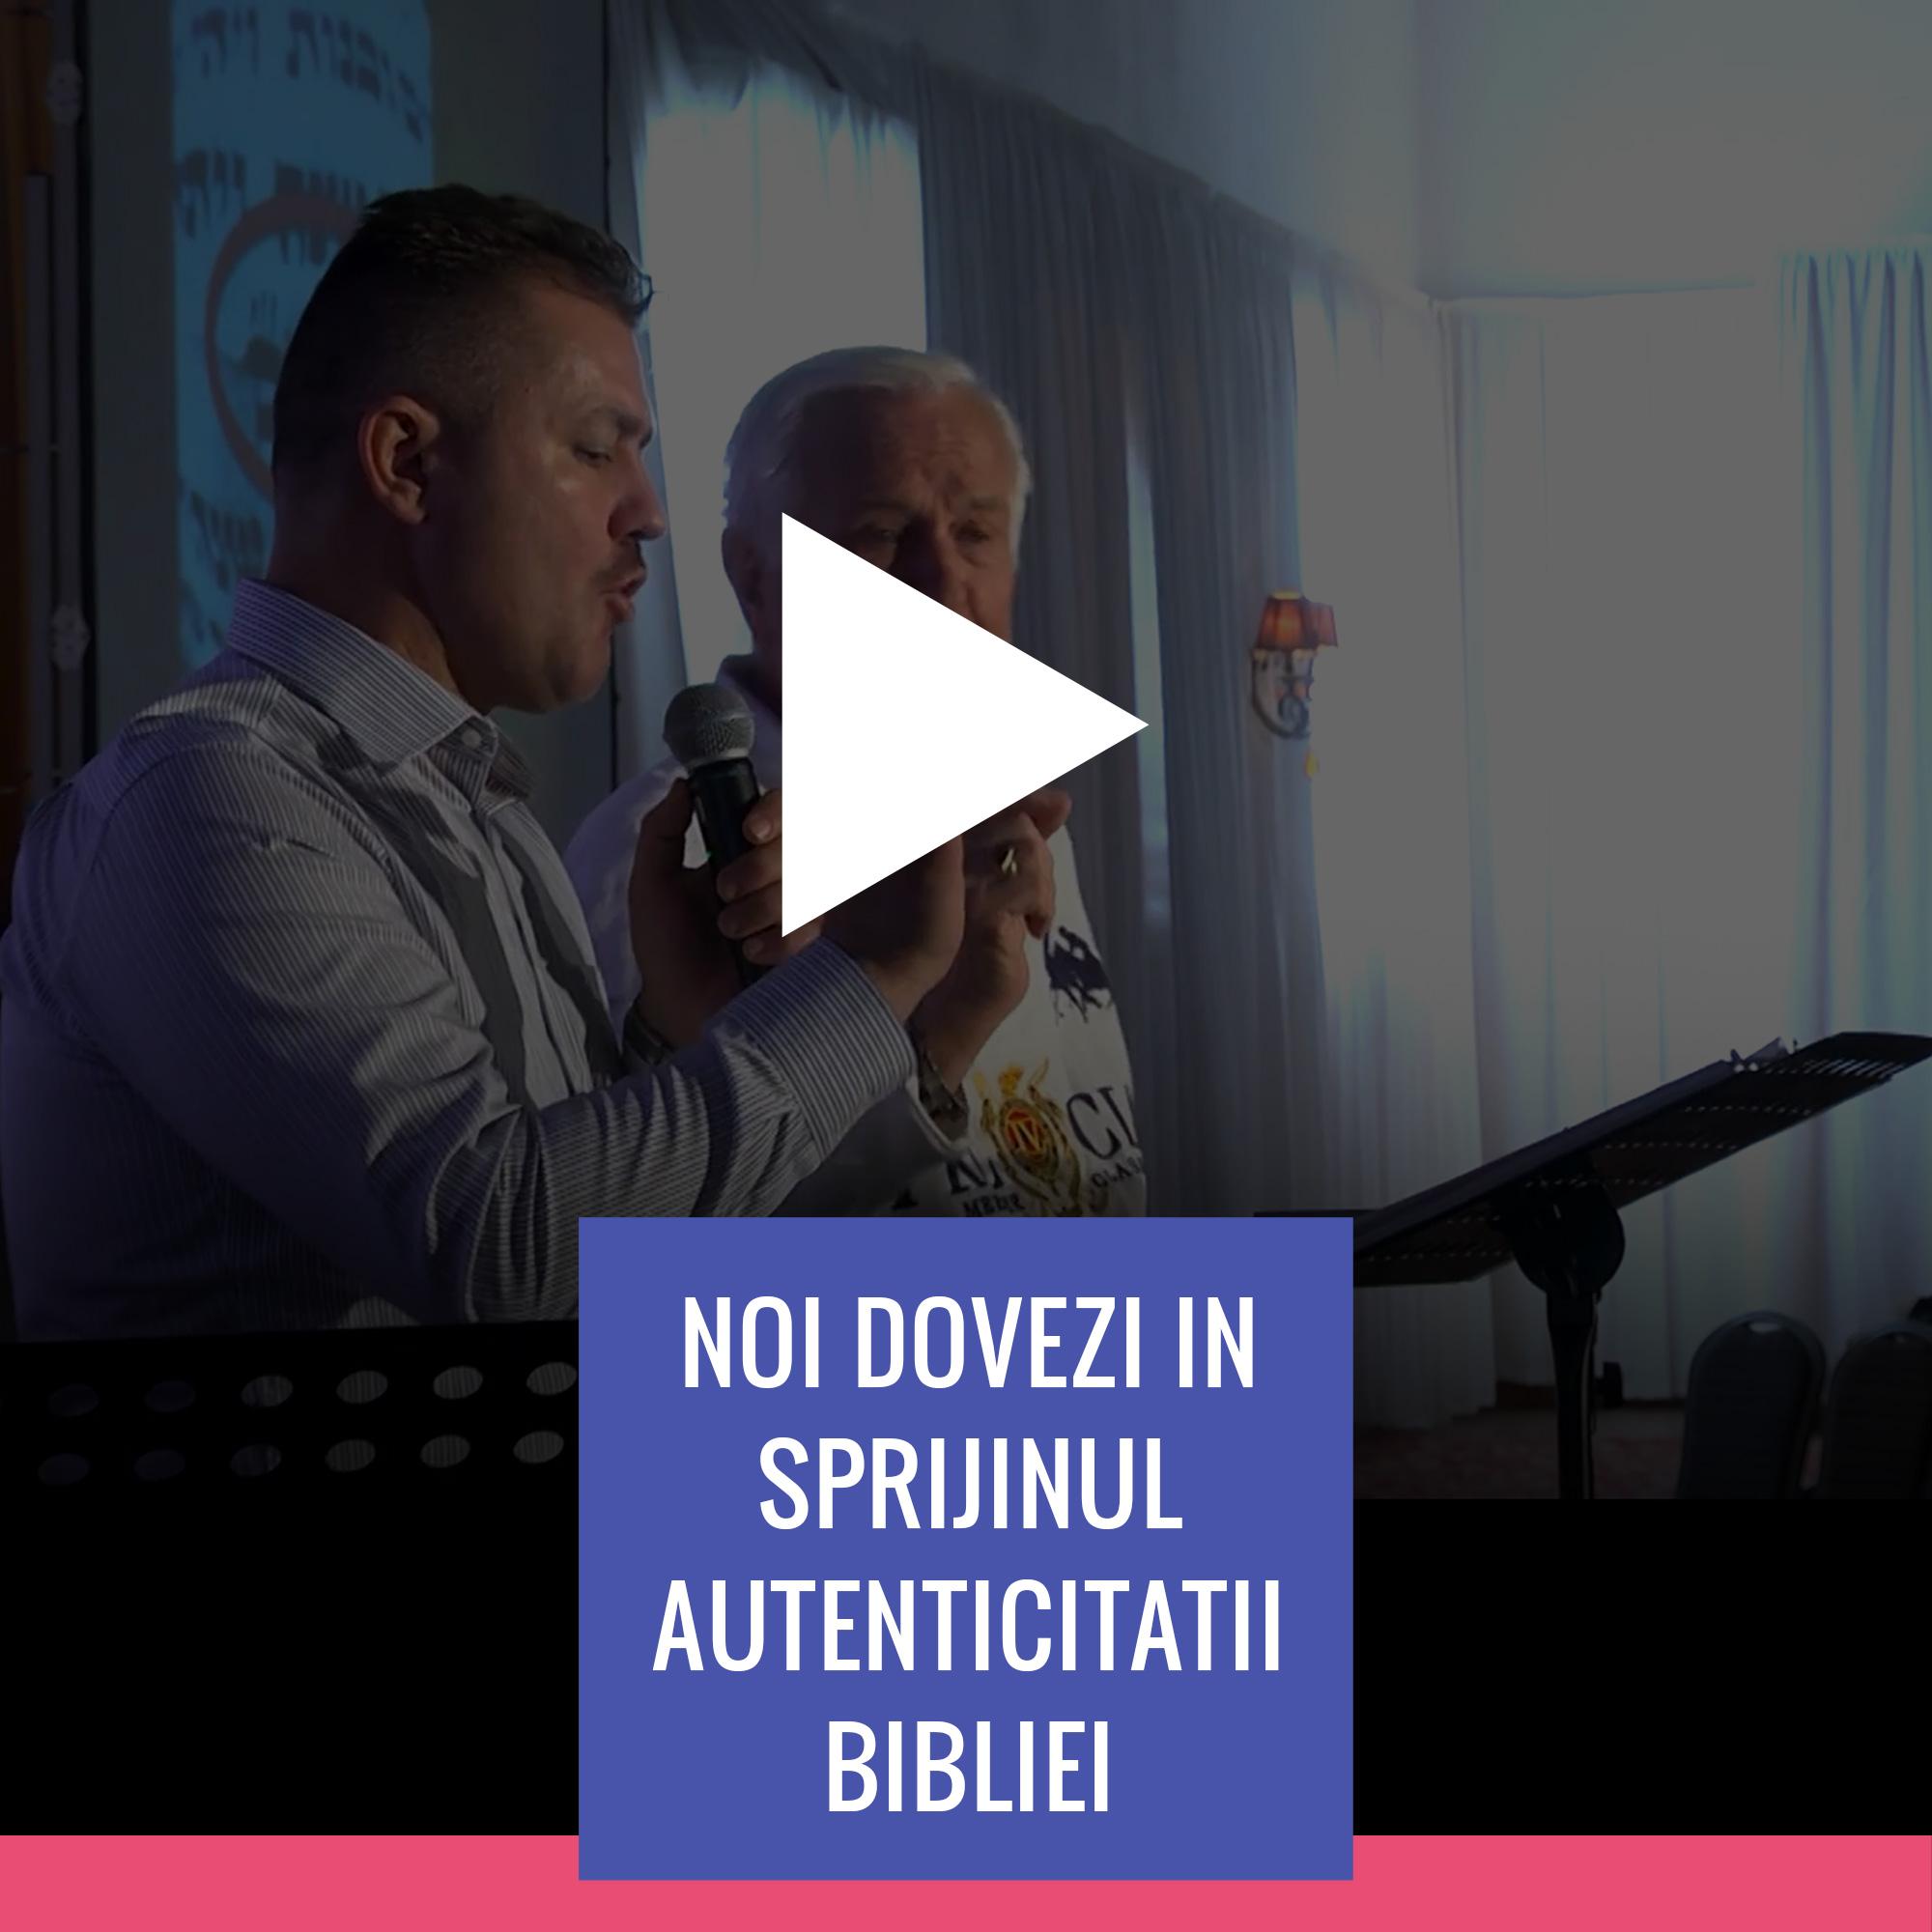 noi-dovezi-in-sprijinul-autenticitatii-bibliei